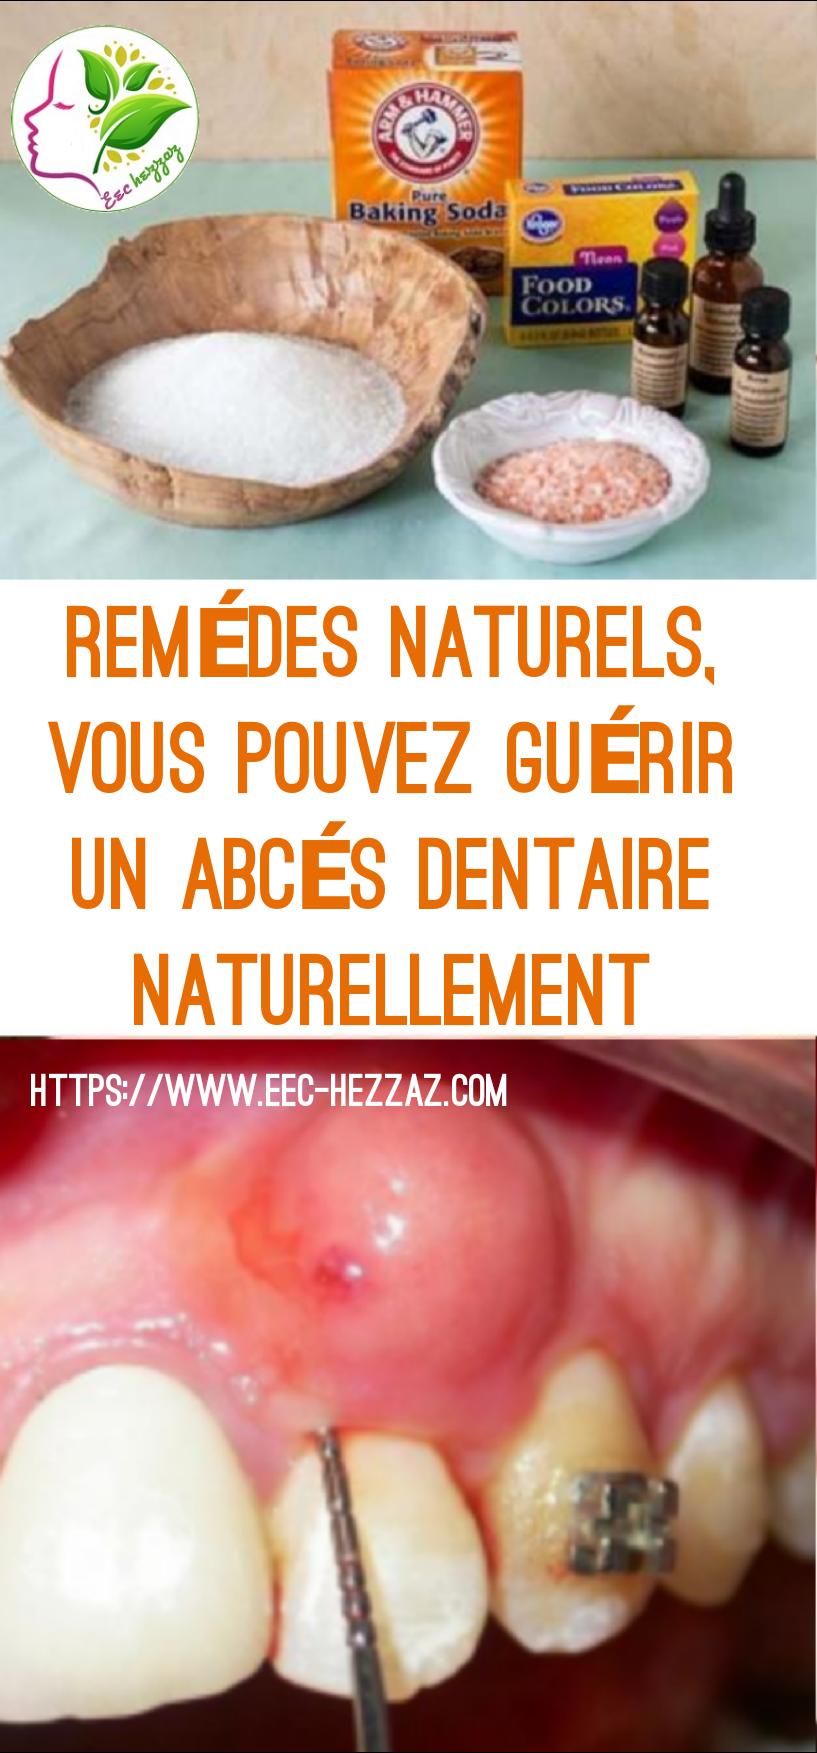 Remèdes naturels, vous pouvez guérir un abcès dentaire naturellement